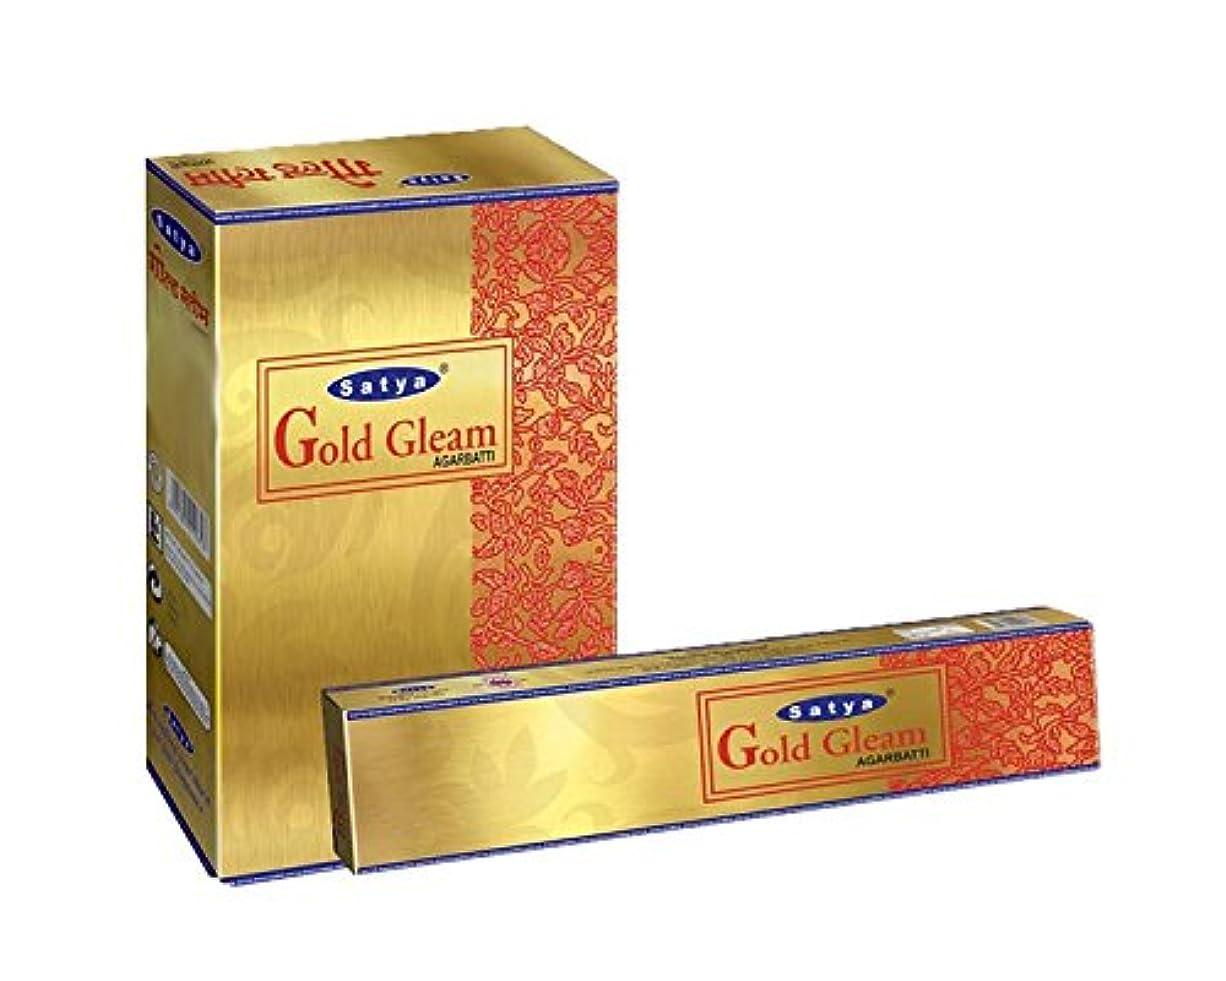 中央値添加方言SatyaゴールドGleam Incense Sticksボックス240 gmsボックス